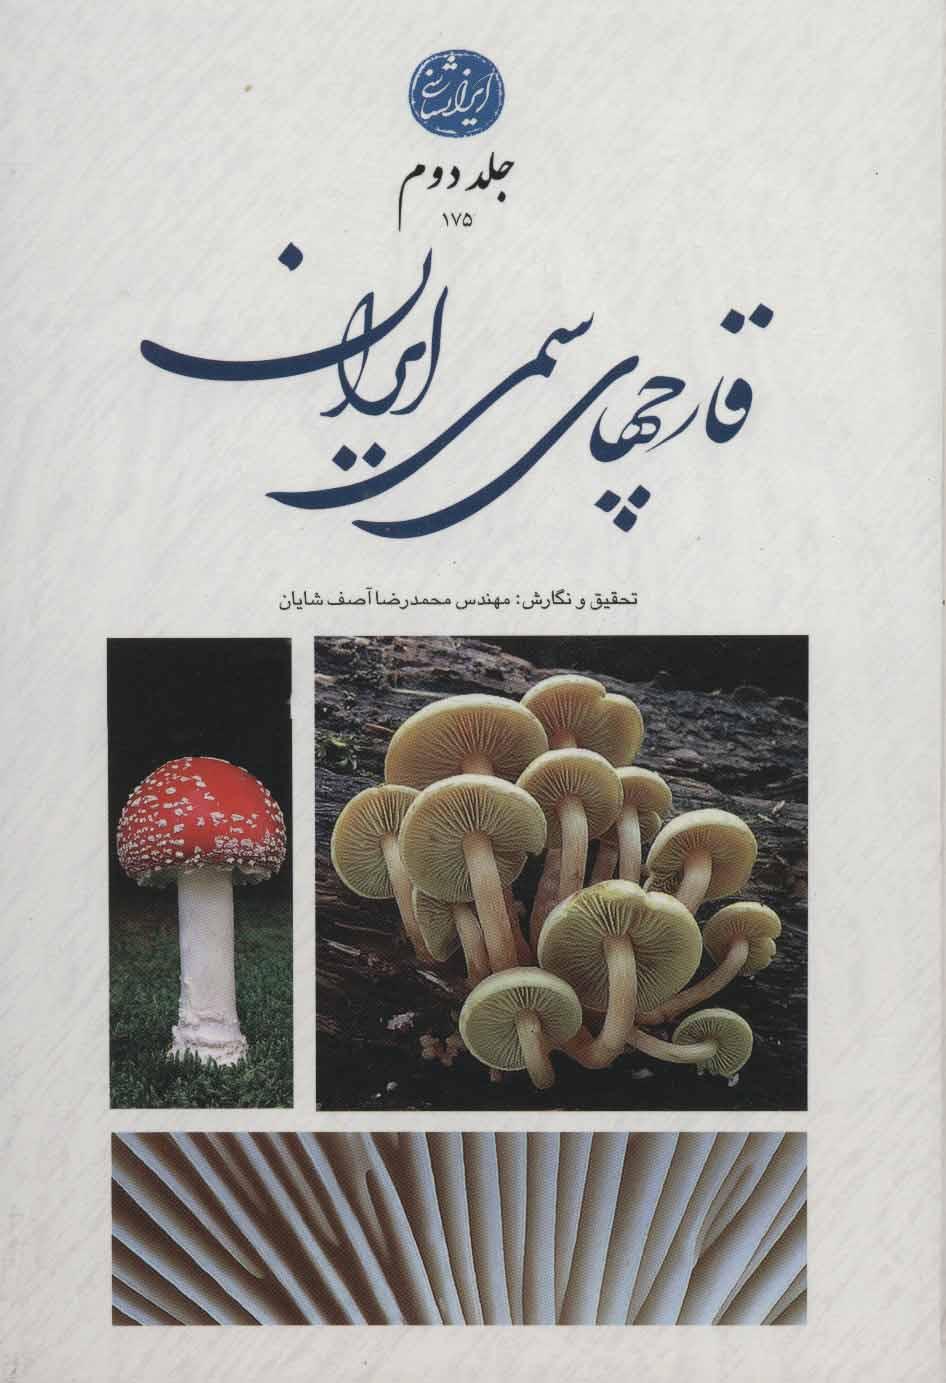 قارچ های سمی ایران 2 (گلاسه)